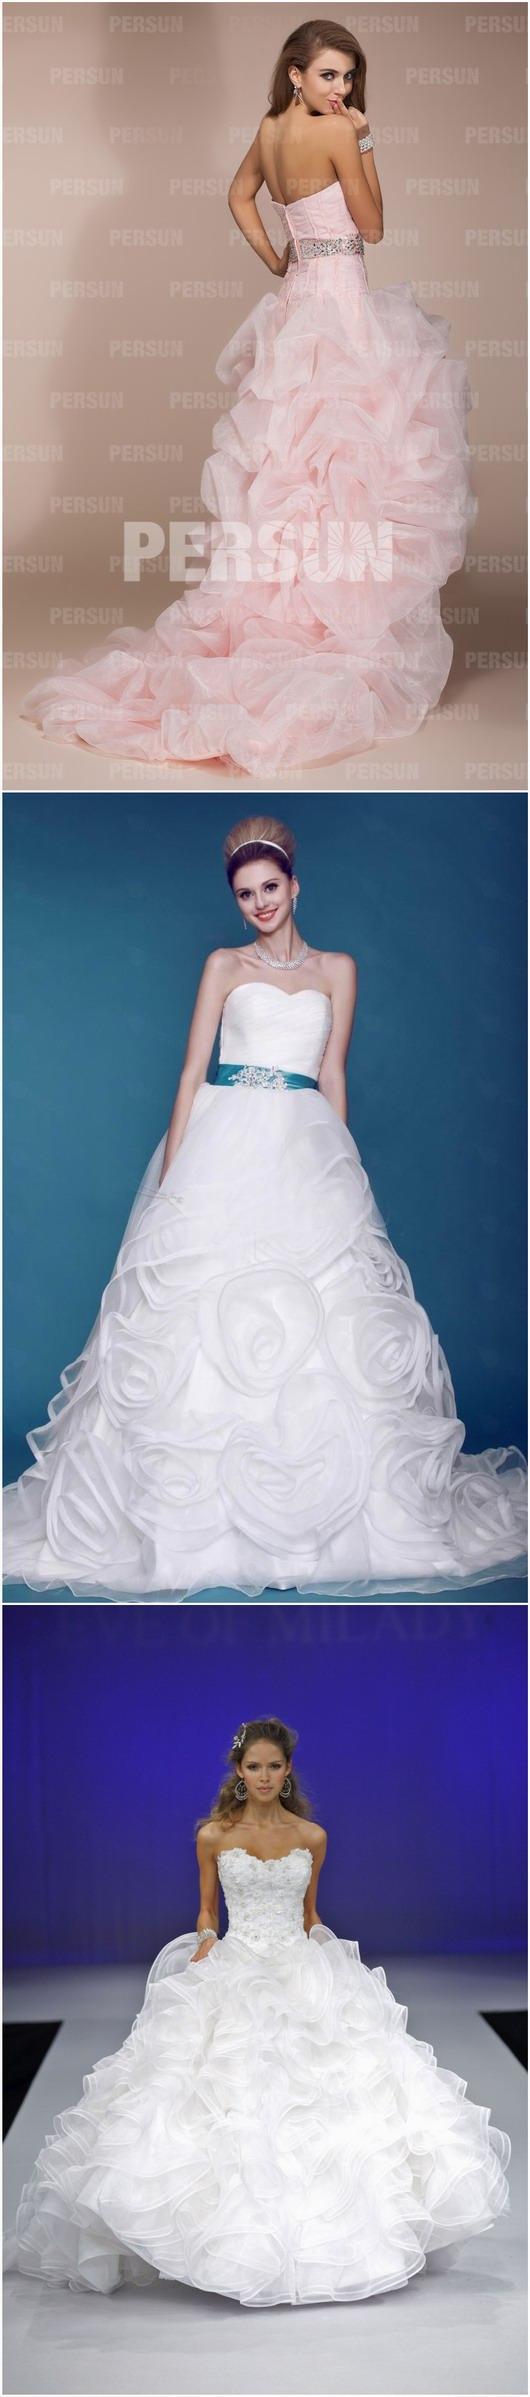 Robes de mariage rose et blanche avec des ornements de fleurs exagérées